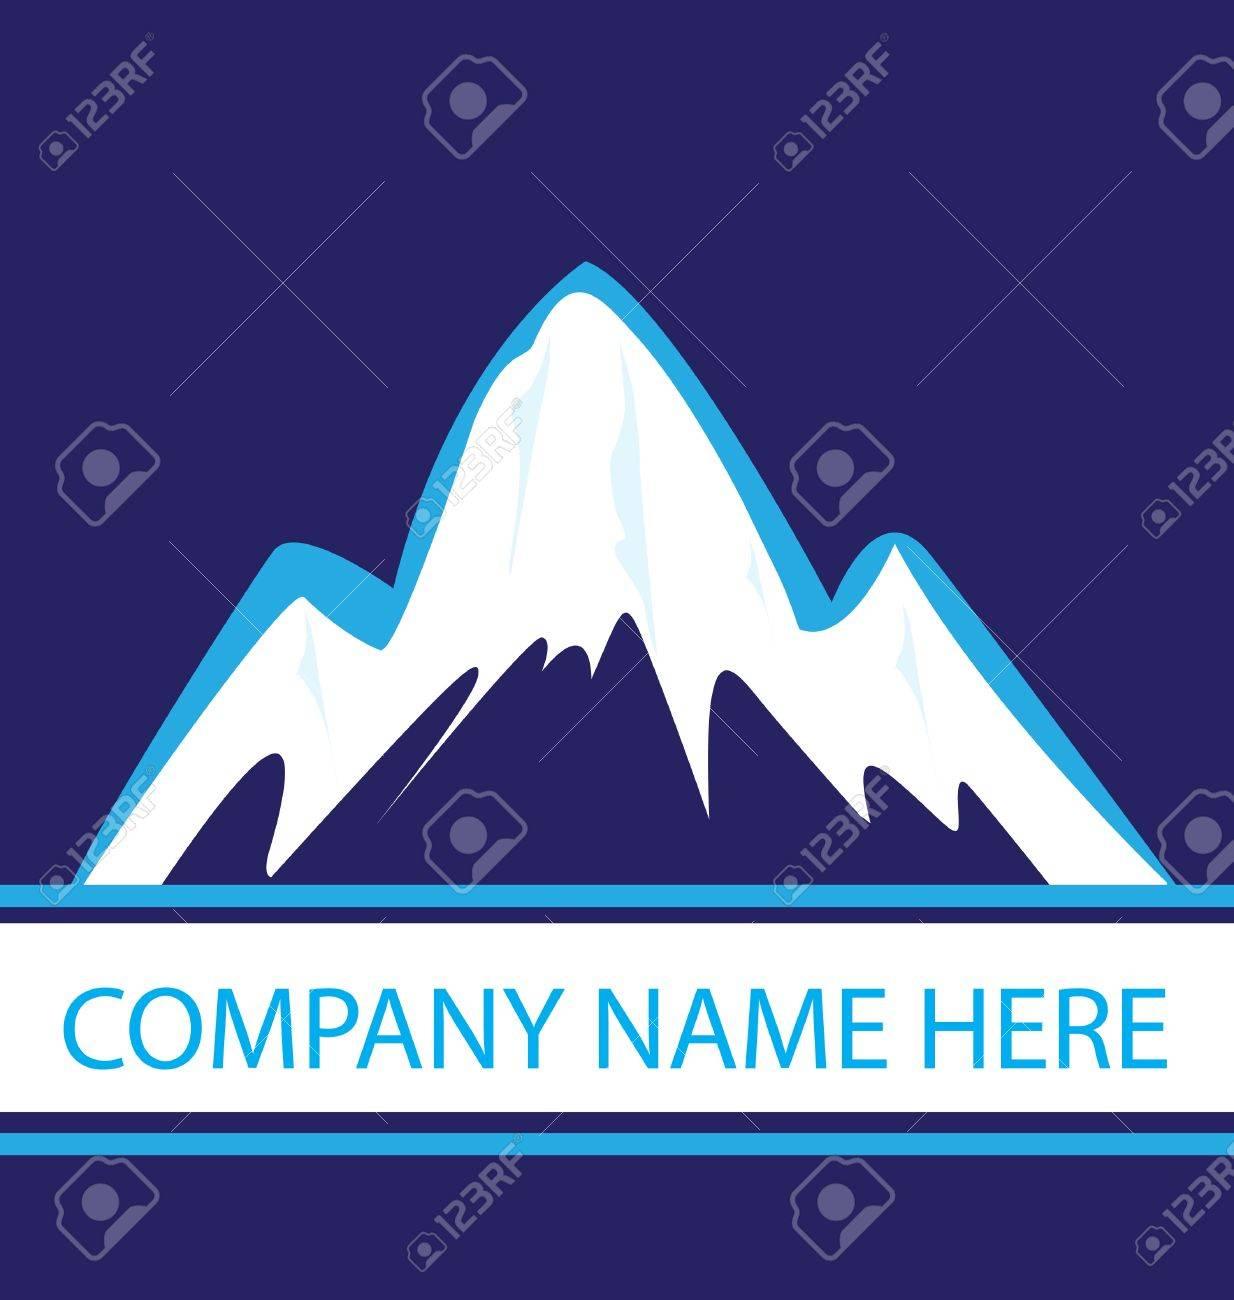 Mountains in blue navy logo Stock Vector - 16977559